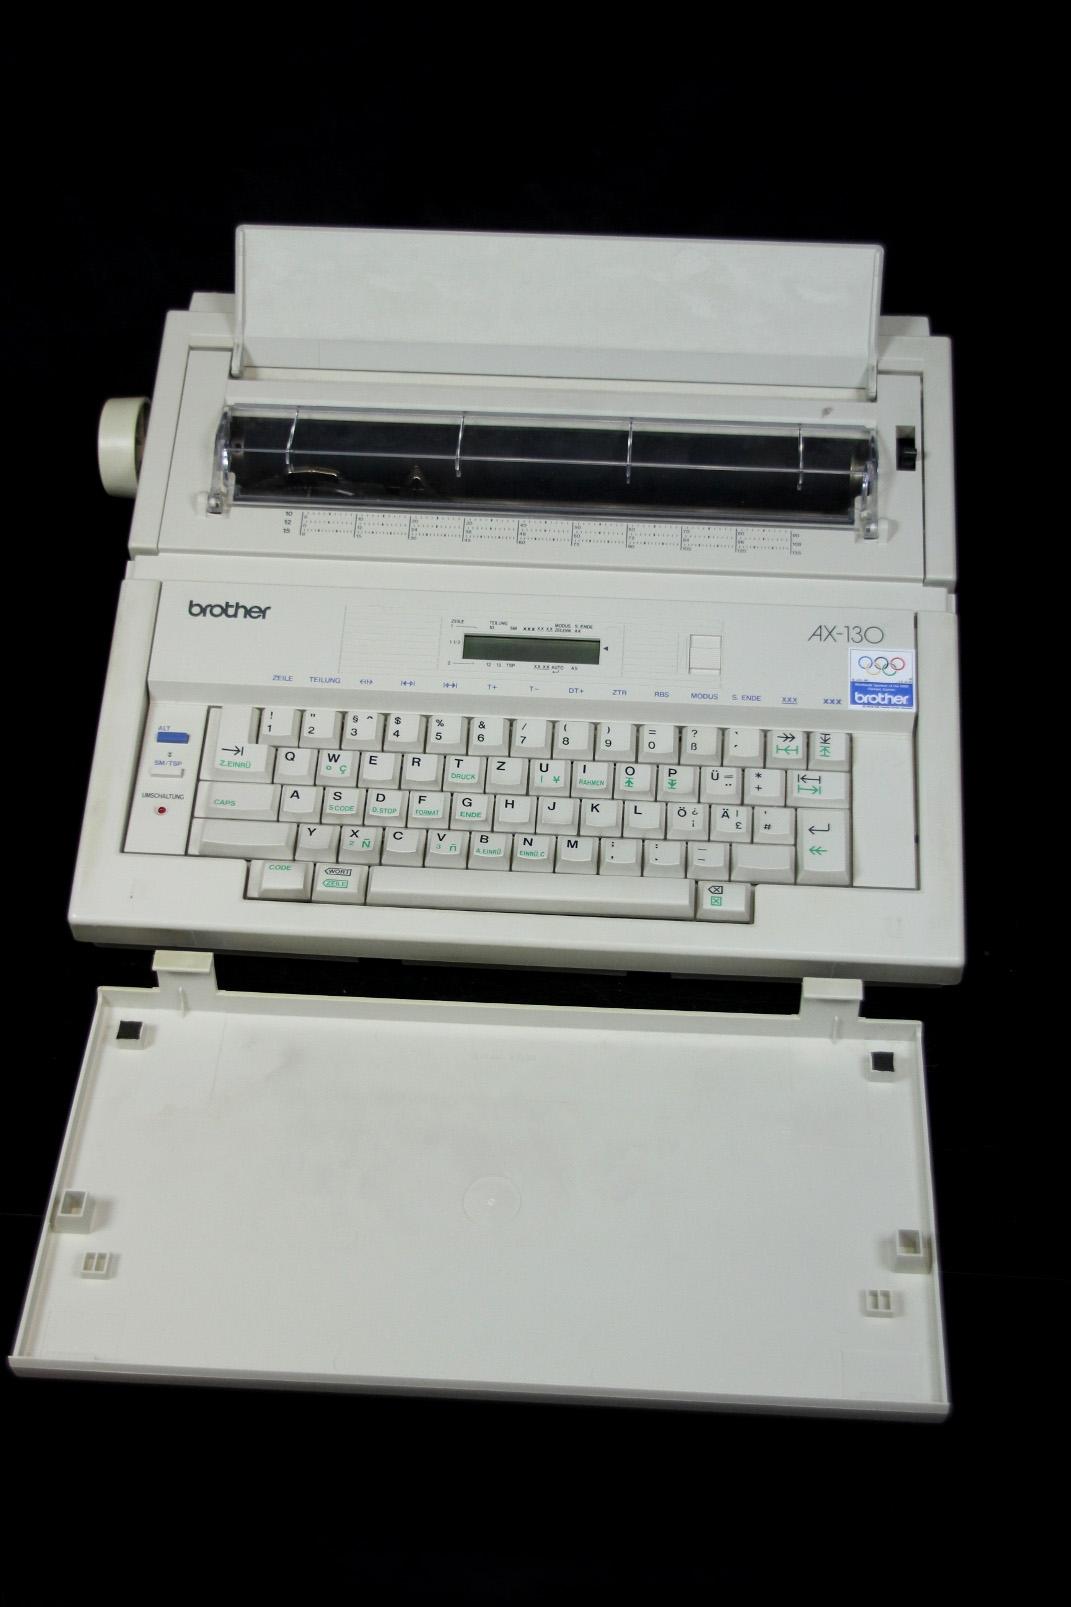 brother ax 130 elektrische reise schreibmaschine typewriter elektronisch ebay. Black Bedroom Furniture Sets. Home Design Ideas